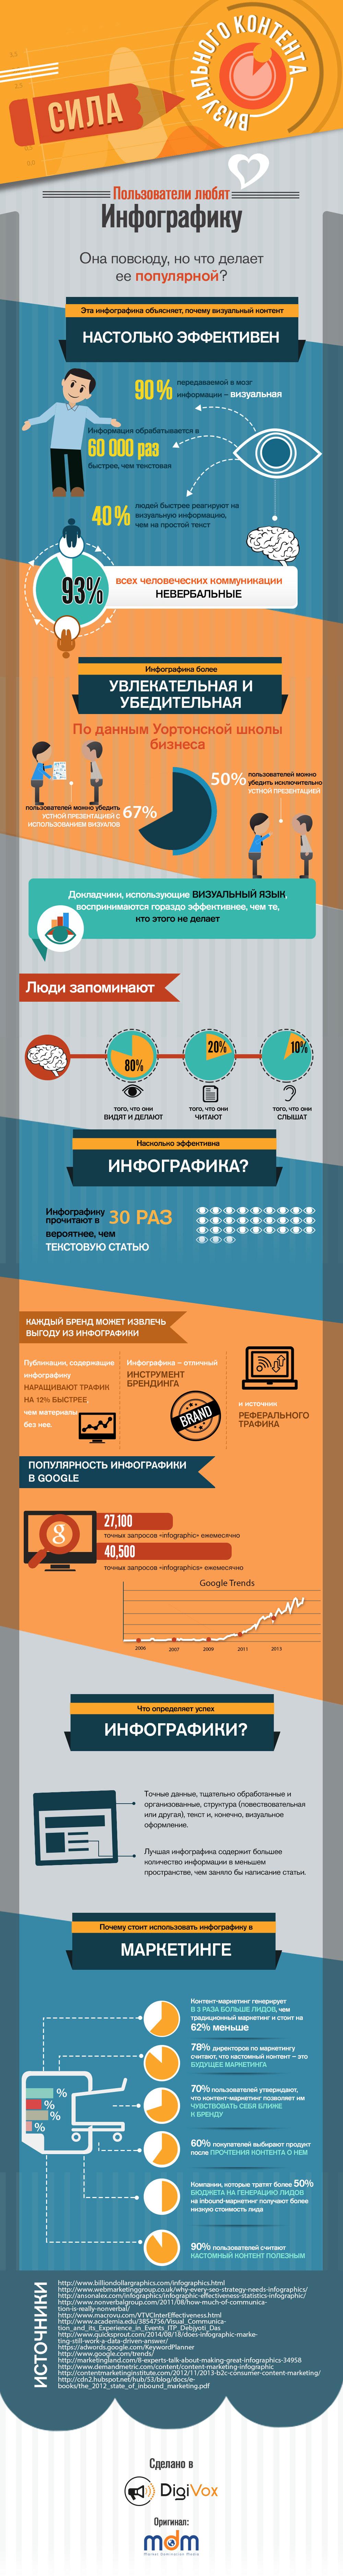 Эффективность инфографики в цифрах | DigiVox.by